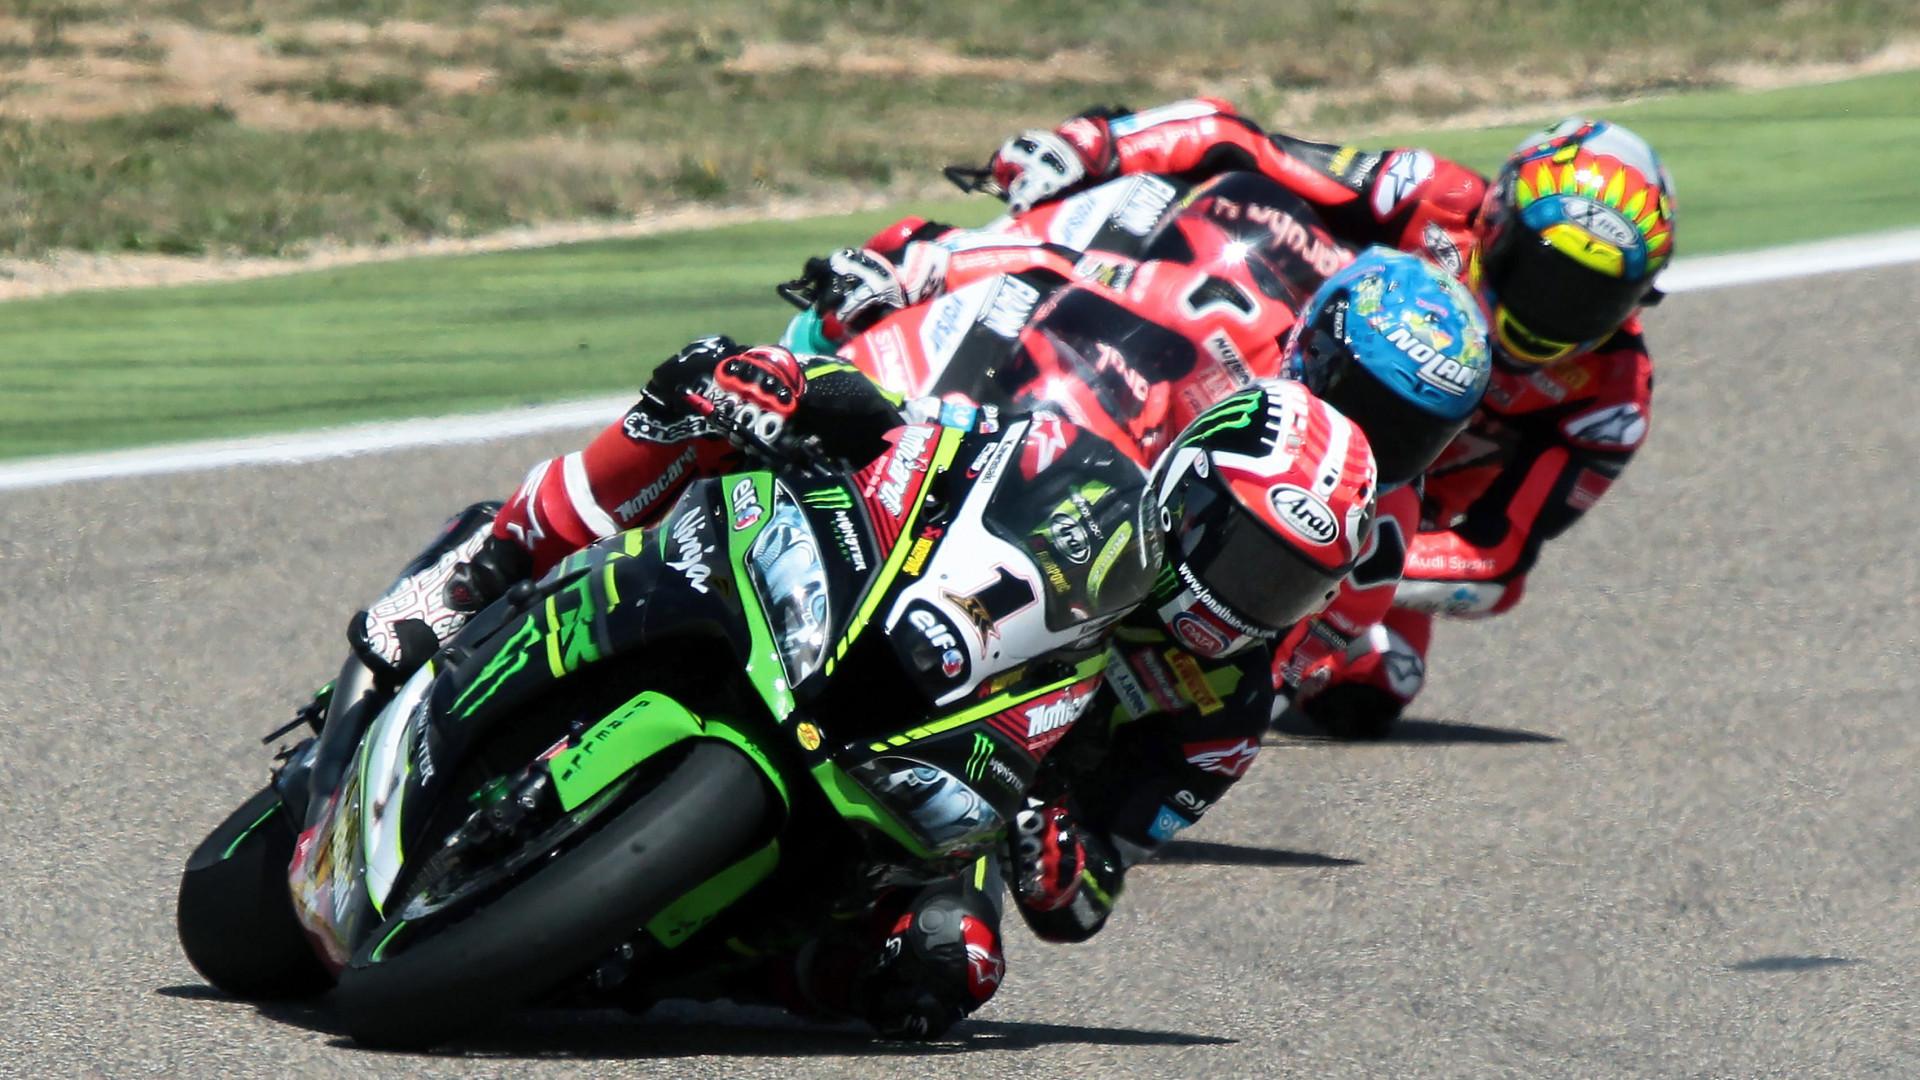 Jonathan Rea vence primeira corrida de Superbike em Portimão